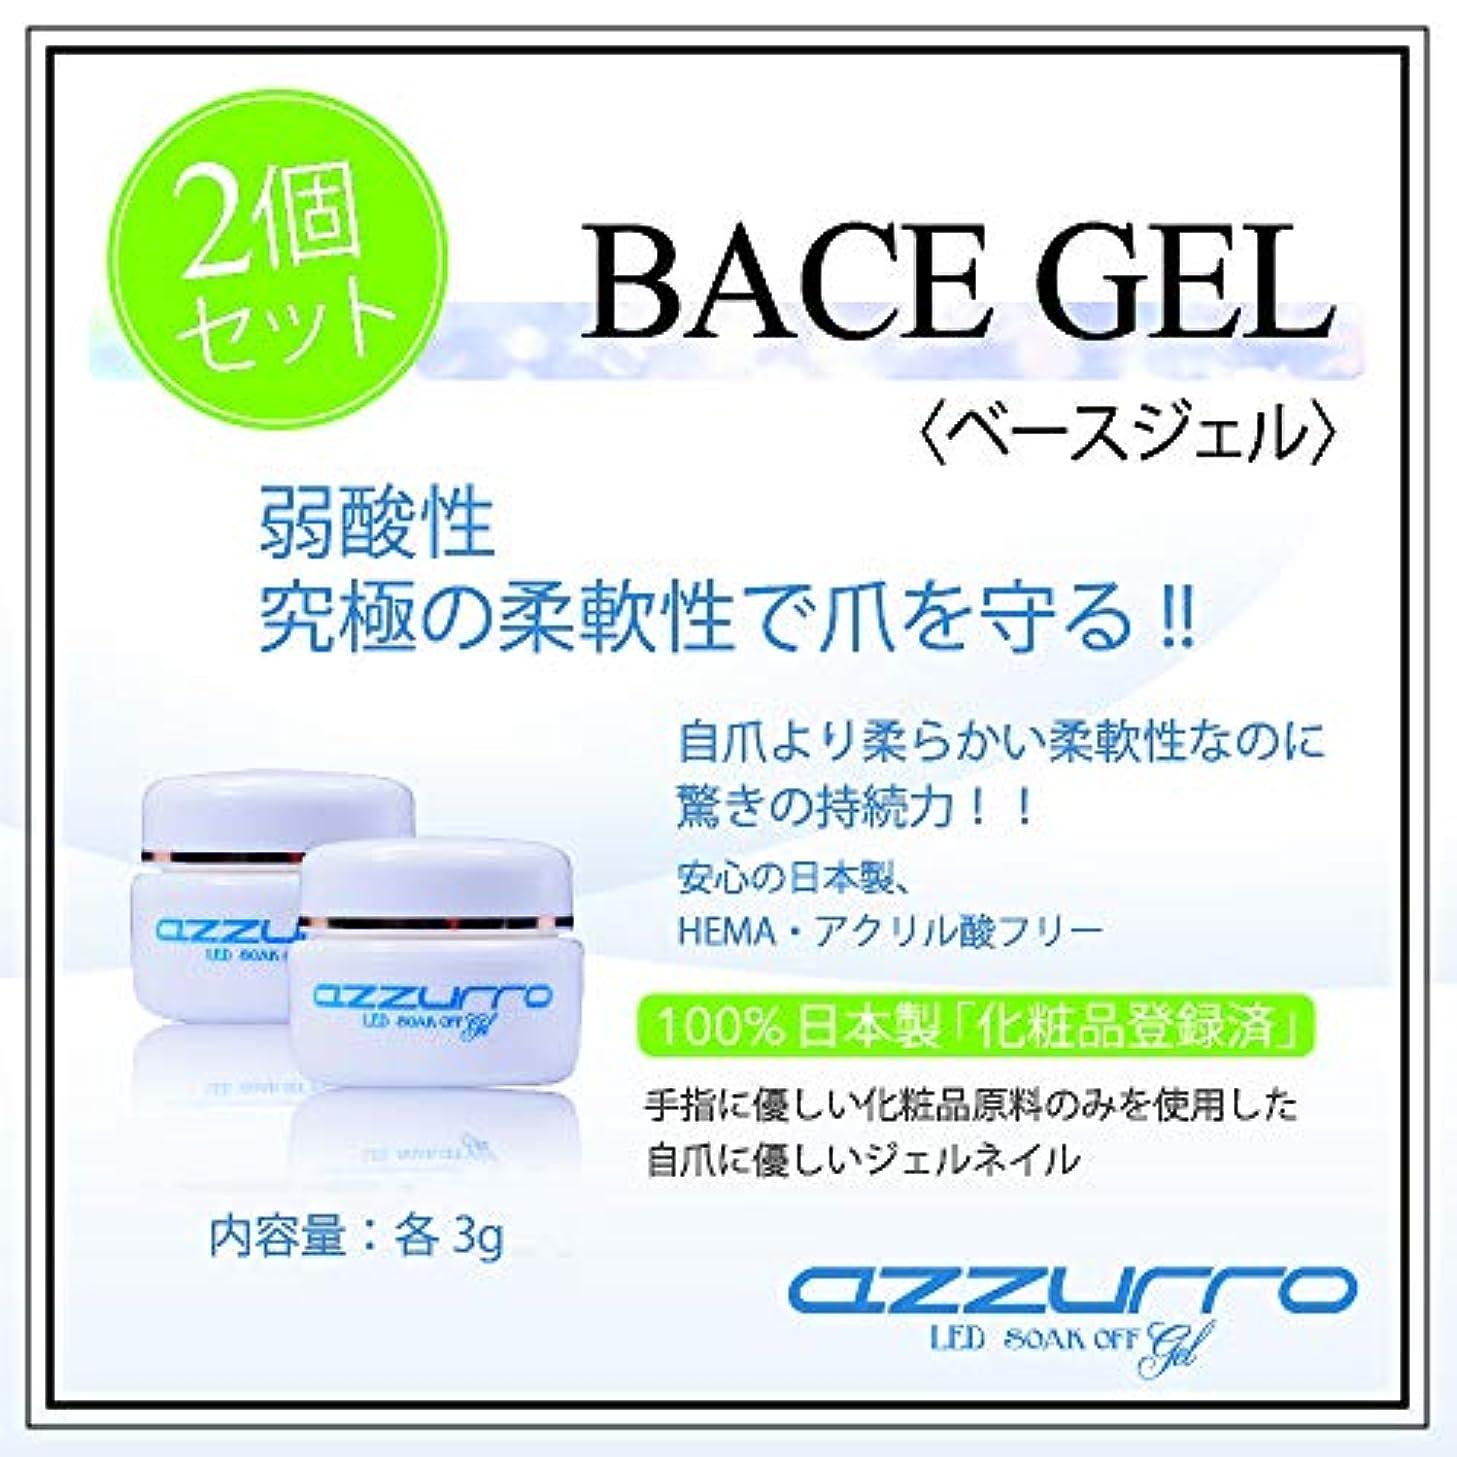 ブロンズ後ろ、背後、背面(部サイズazzurro gel アッズーロベースジェル お得な2個セット 爪に優しい 日本製 驚きの密着力 リムーバーでオフも簡単3g